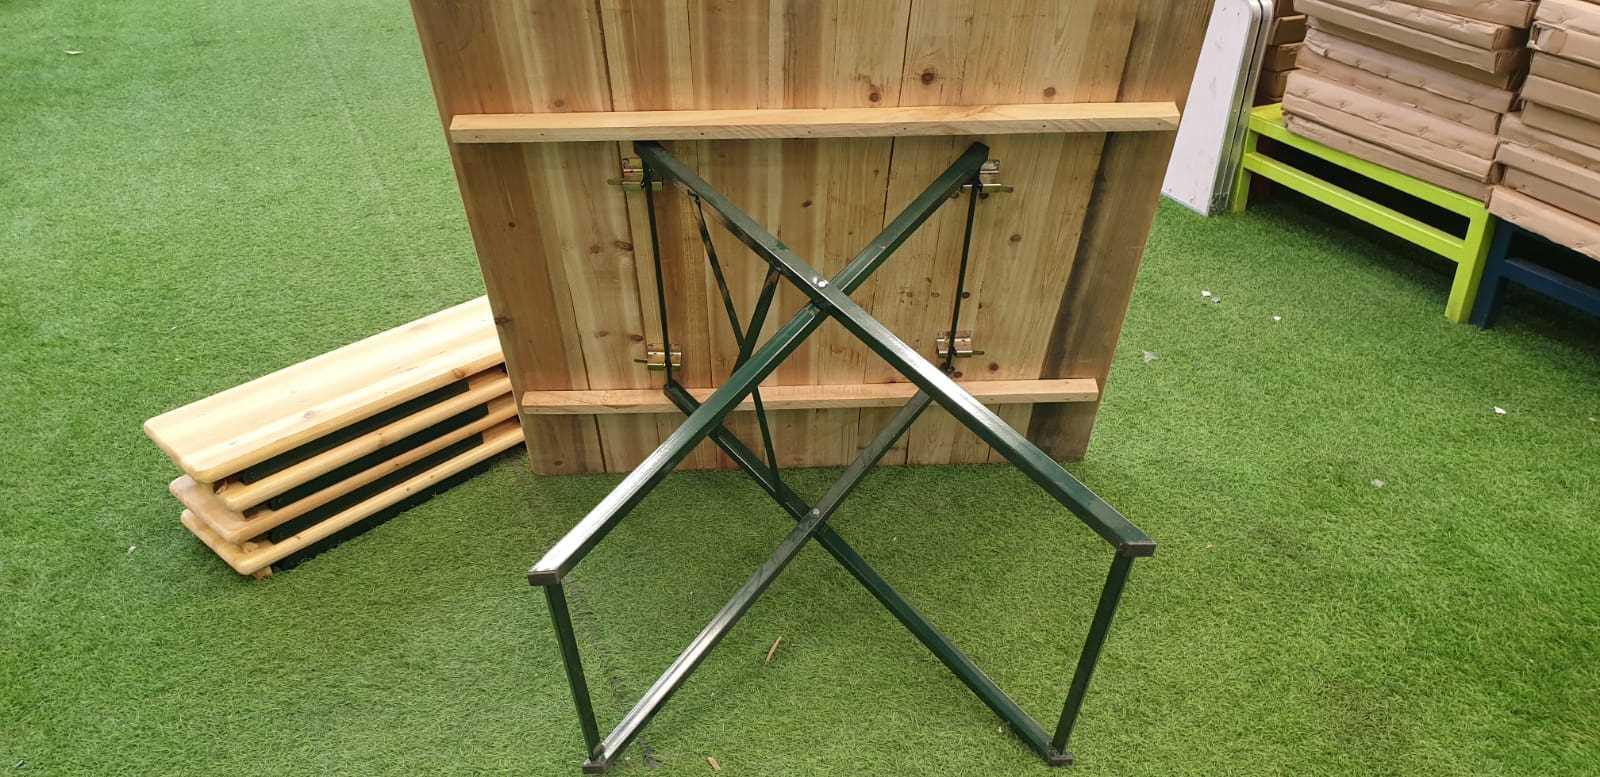 סט מתקפל שולחן עץ/מתכת + 4 ספסלים דגם 498911 - תמונה 3